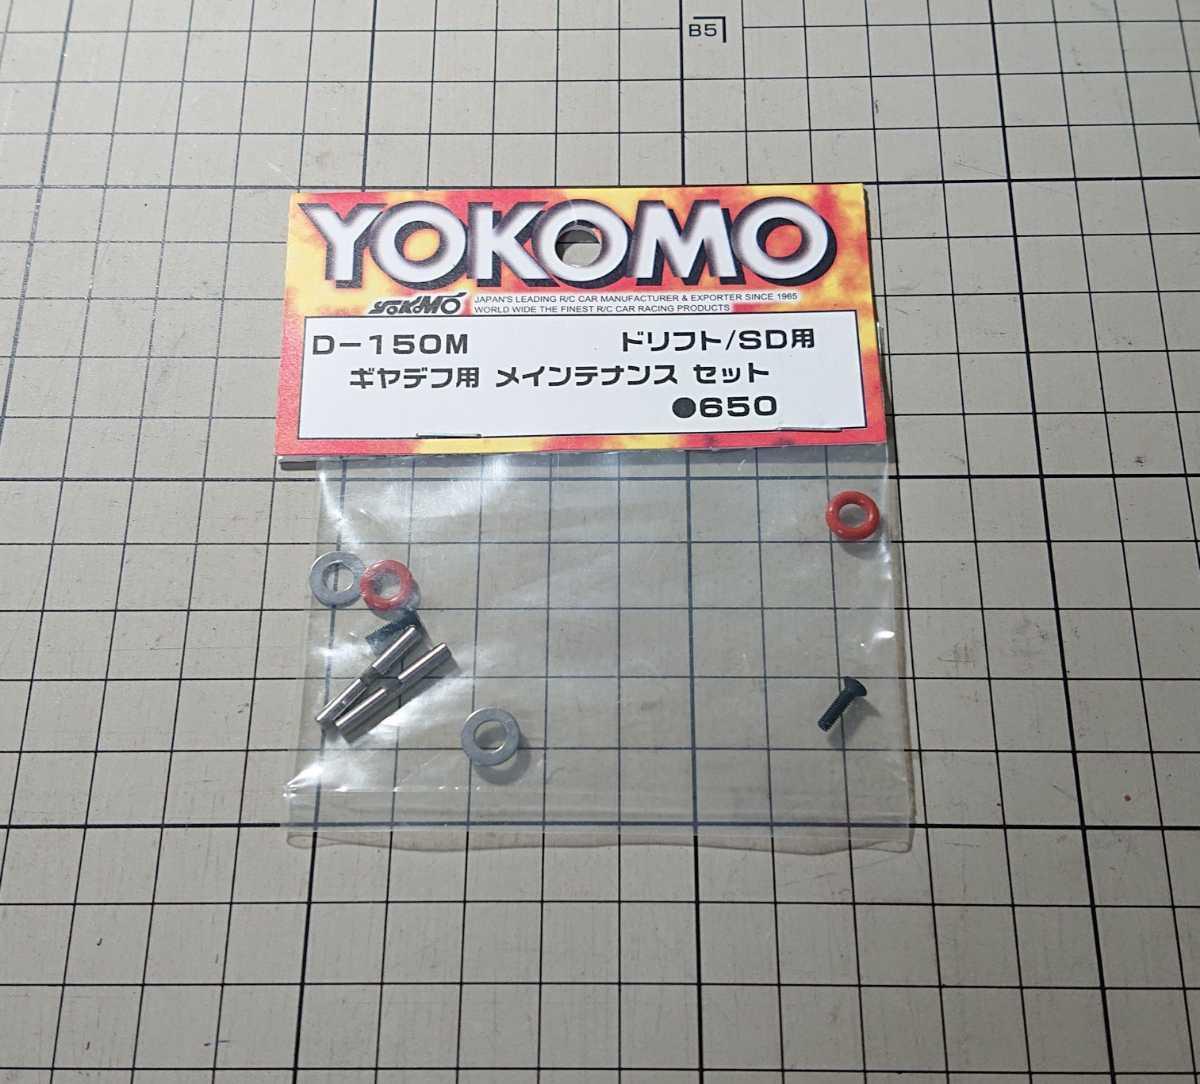 ヨコモ D-150M ギアデフ用 メンテナンス セット YOKOMO RC ラジコン